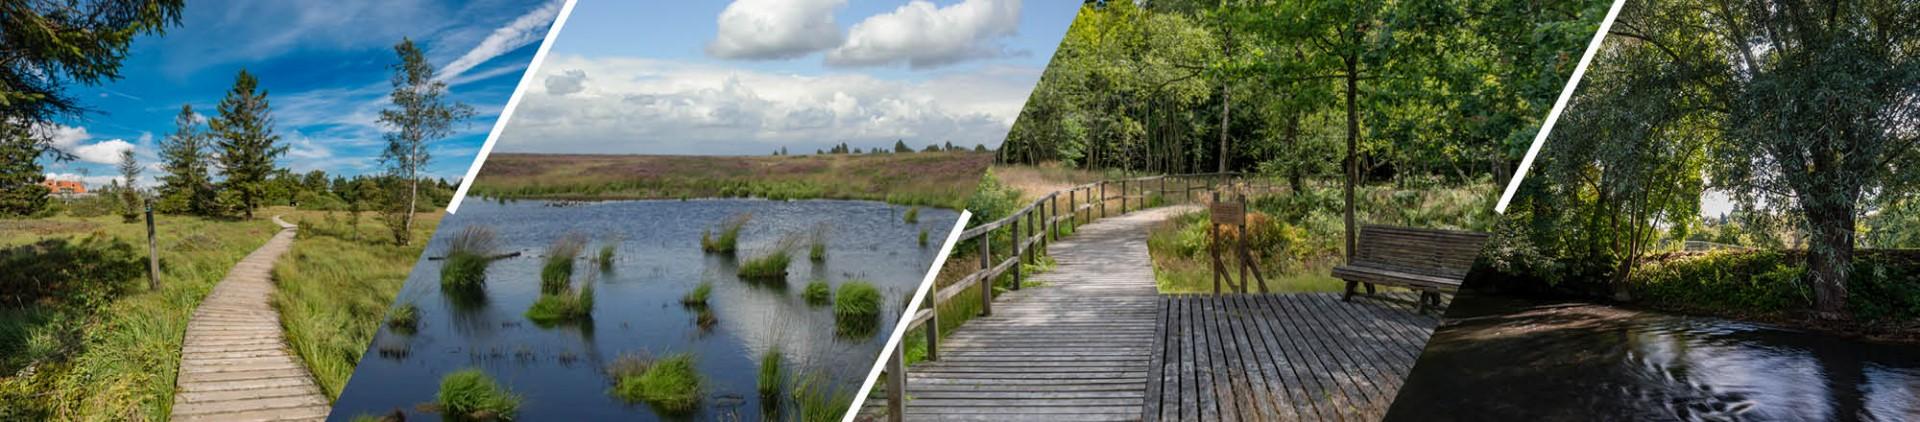 Parcs naturels reconnus en province de Liège